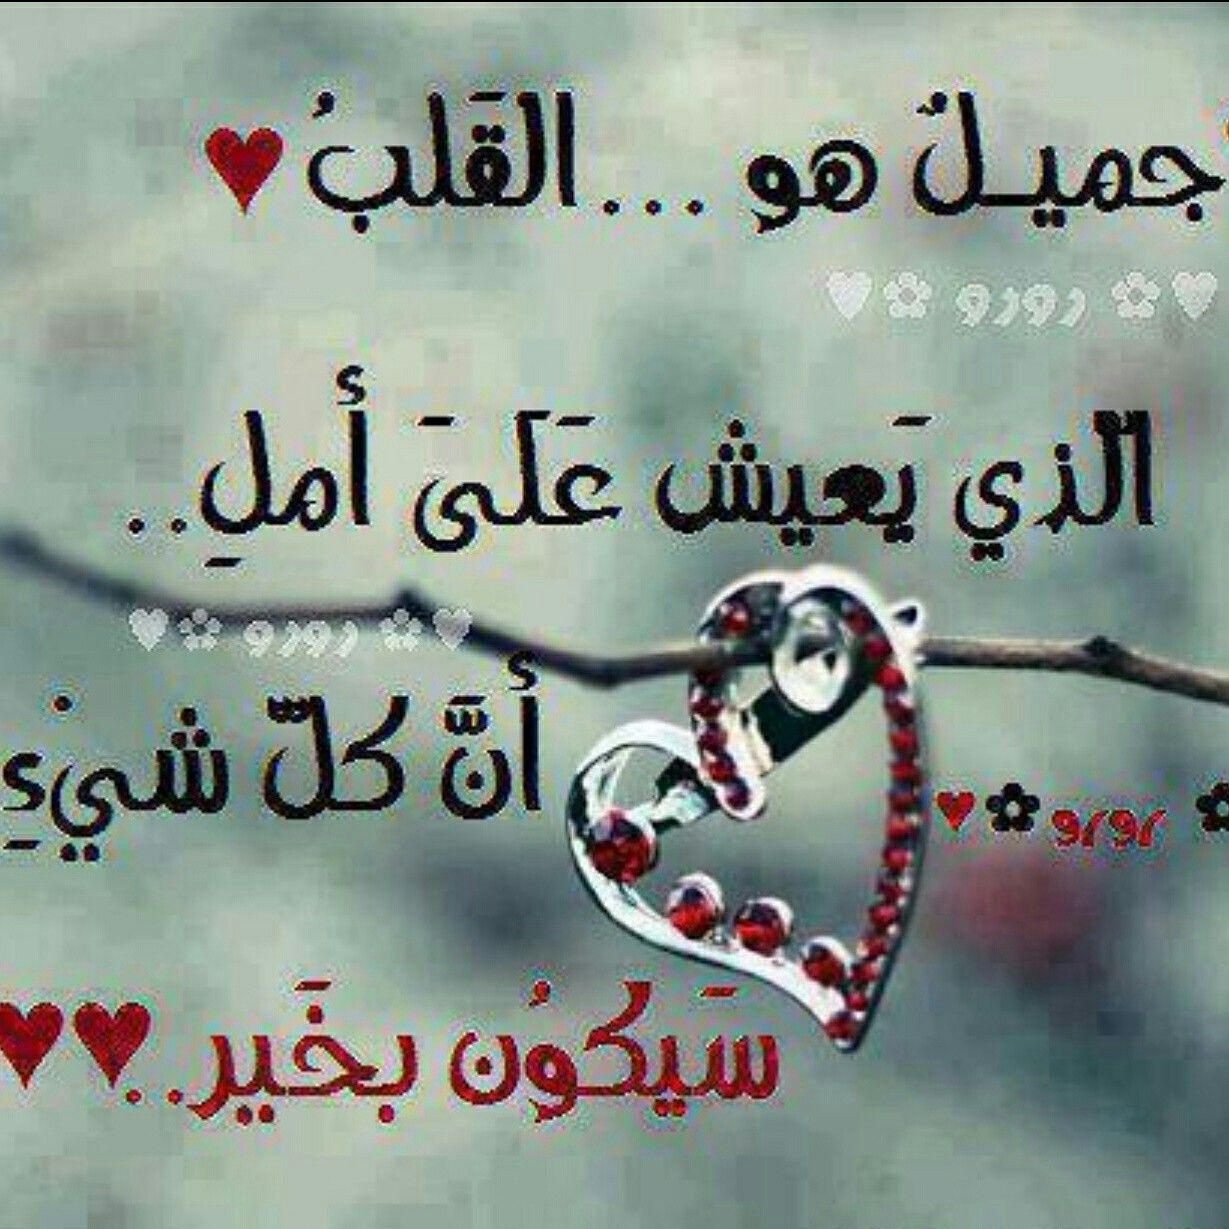 صباحكم أمل من الله Arabic Quotes Arabic Arabic Calligraphy